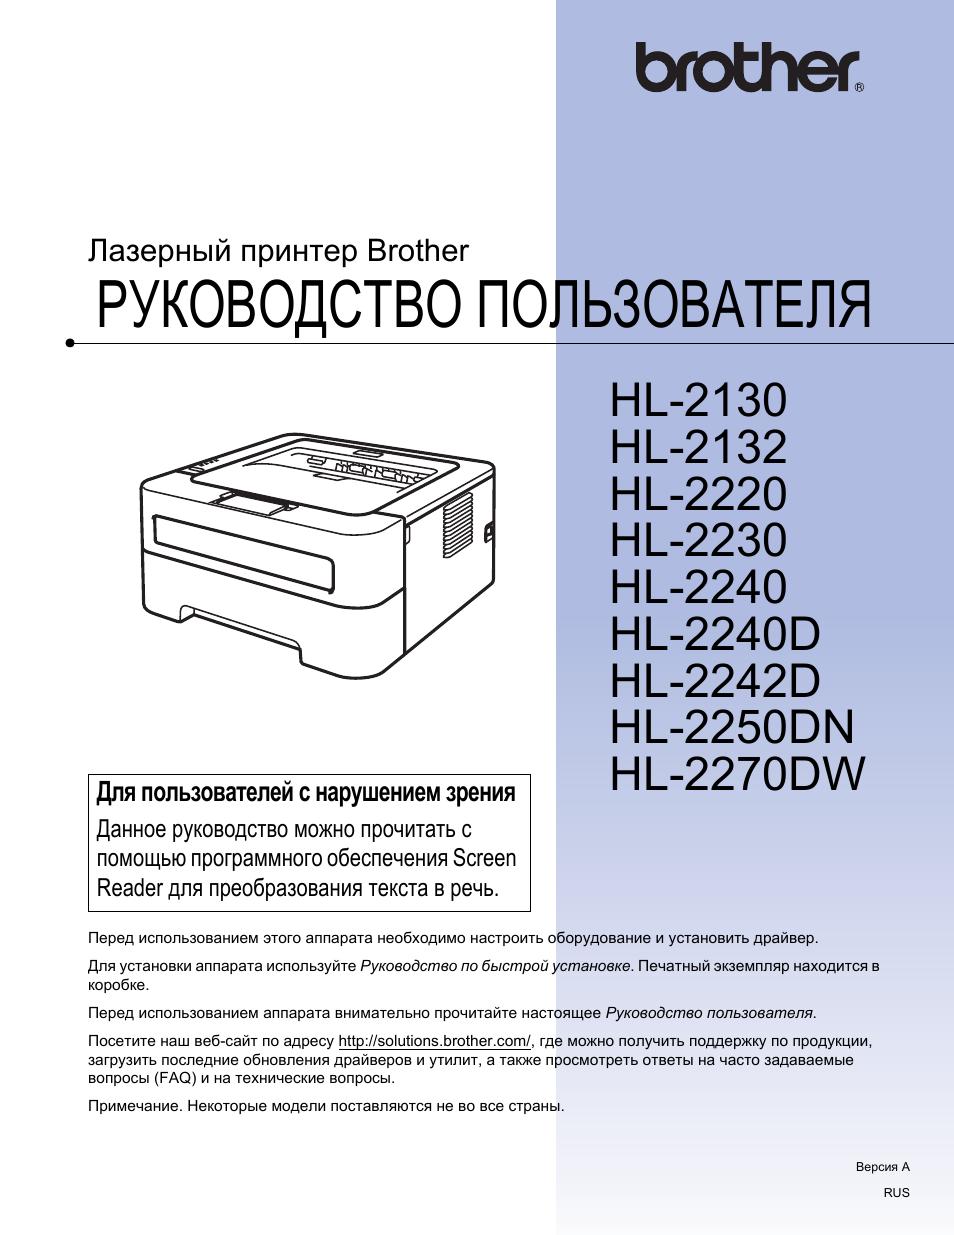 Скачать драйвер для принтера brother hl 2130